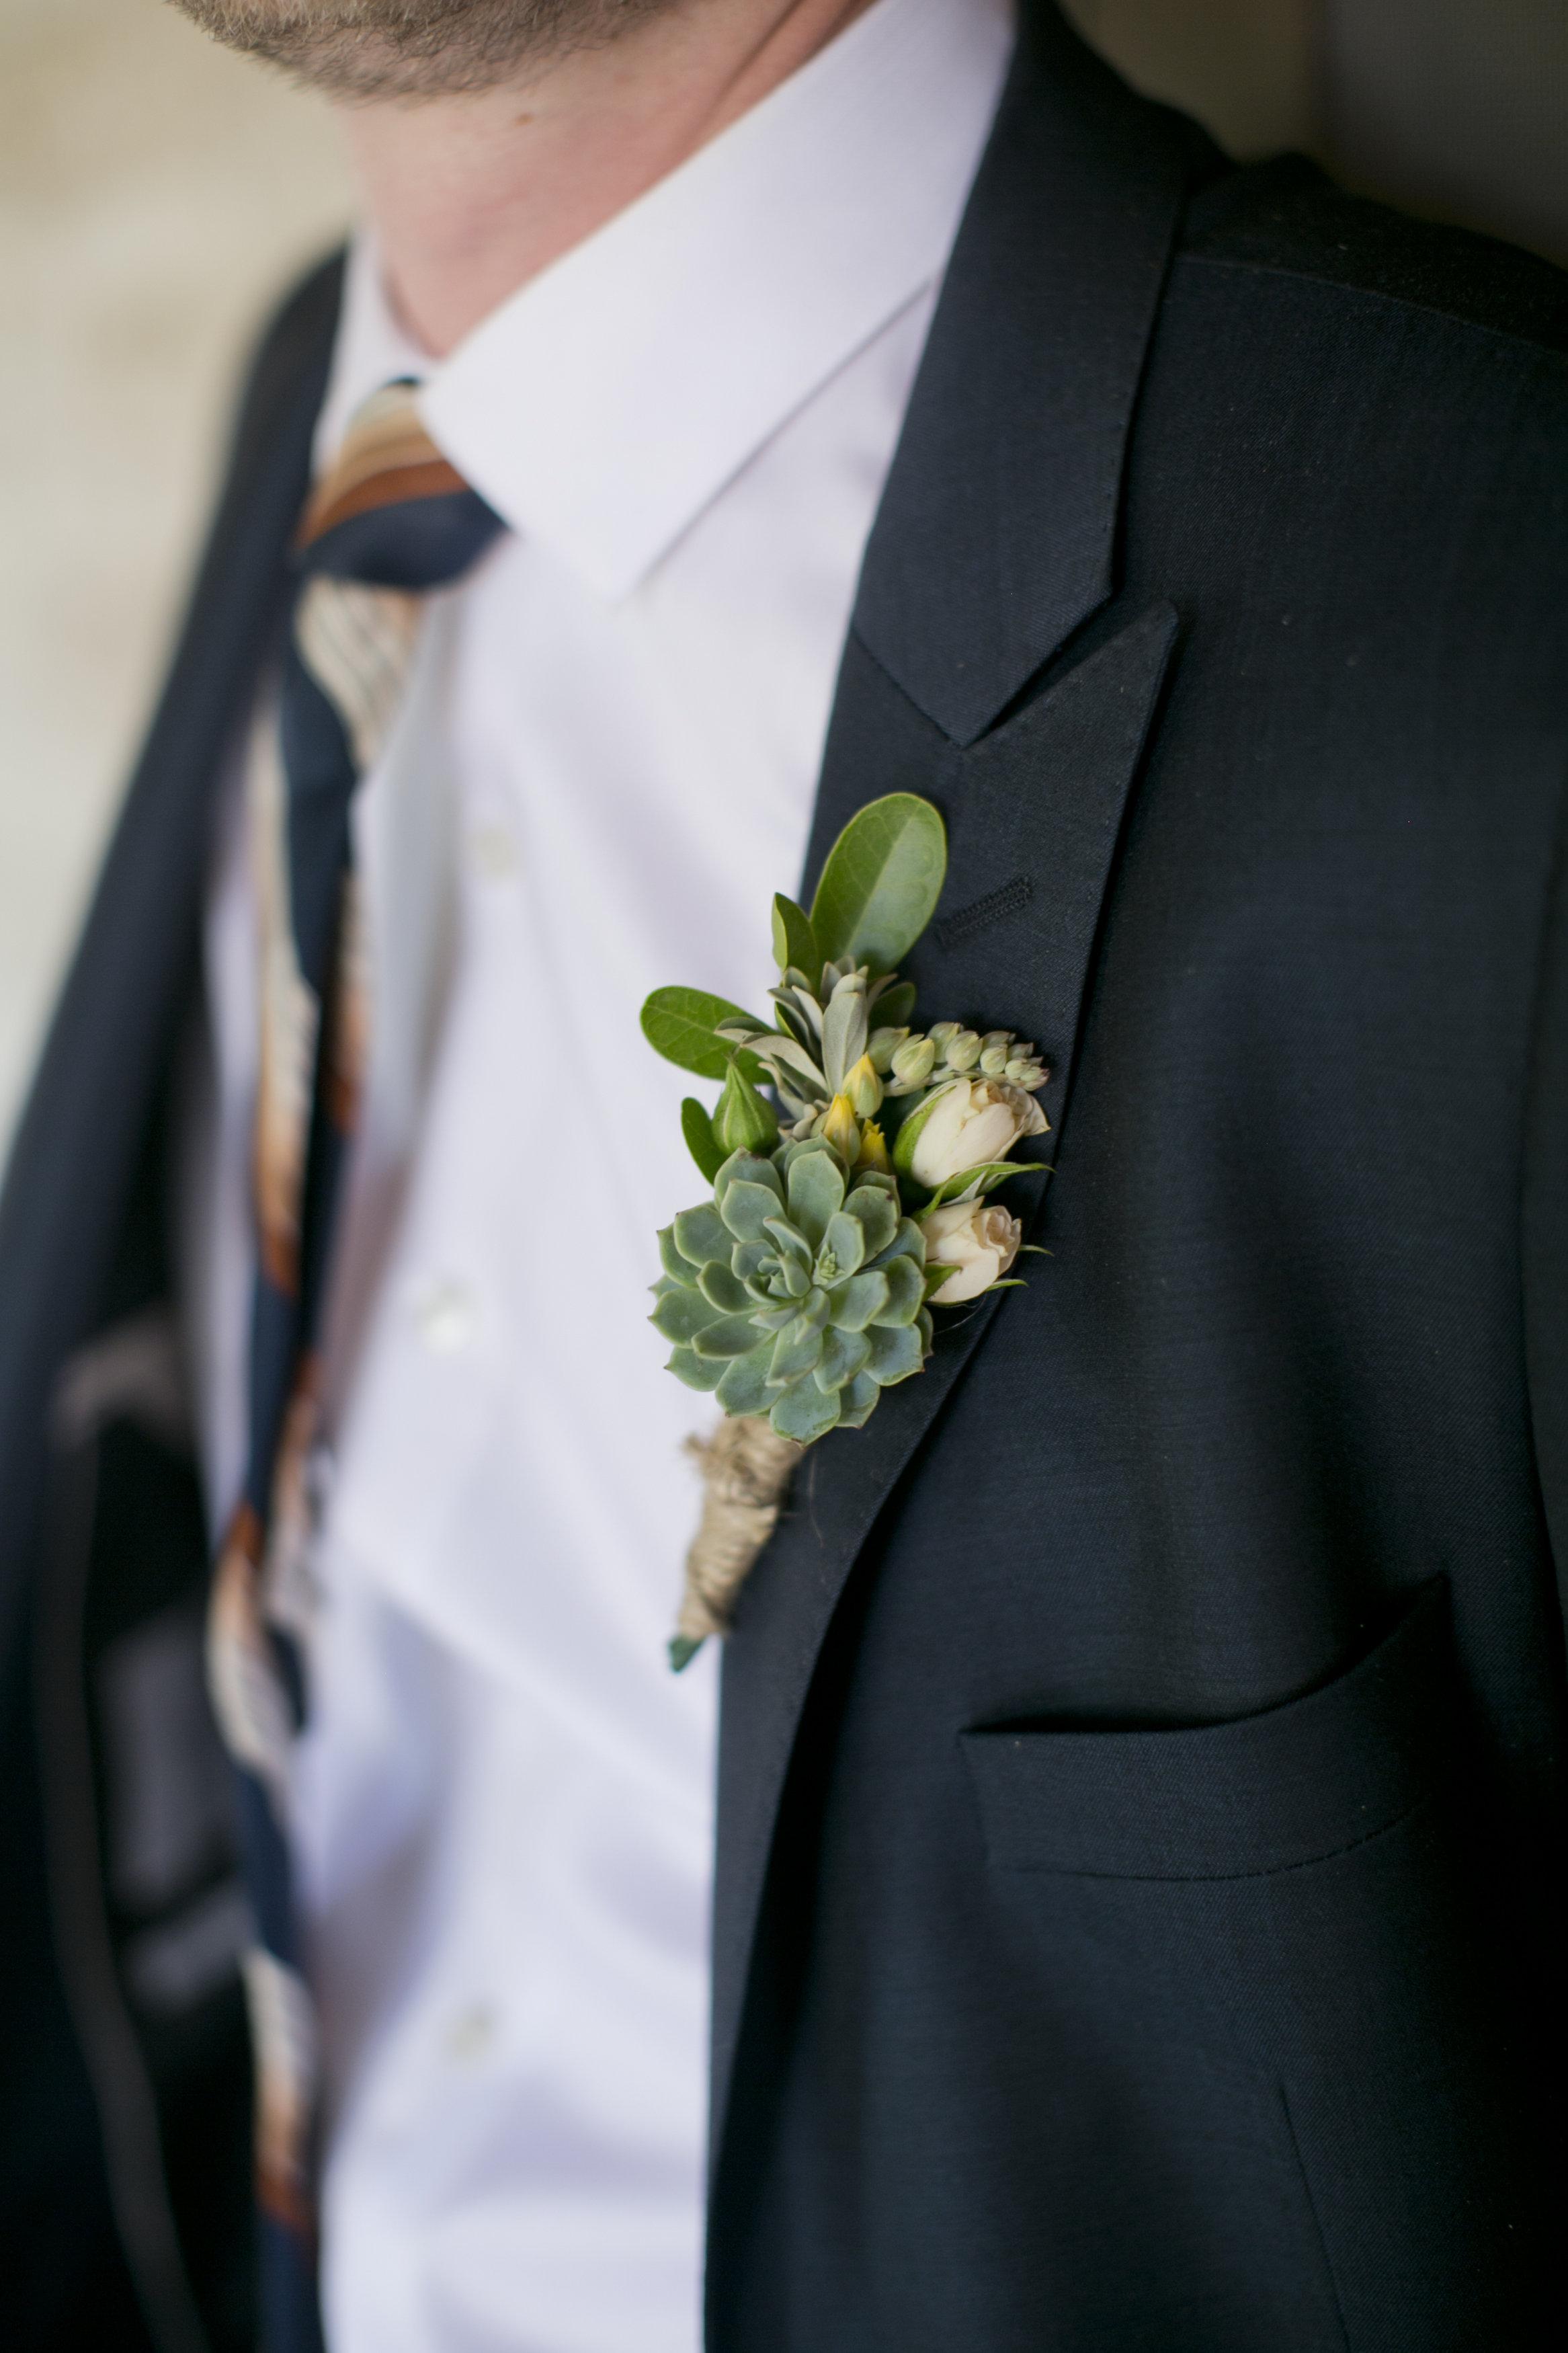 Ceci_New_York_Ceci_Style_Ceci_Johnson_Luxury_Lifestyle_Arizona_Wedding_Watercolor_Inspiration_Design_Custom_Couture_Personalized_Invitations_46.jpg